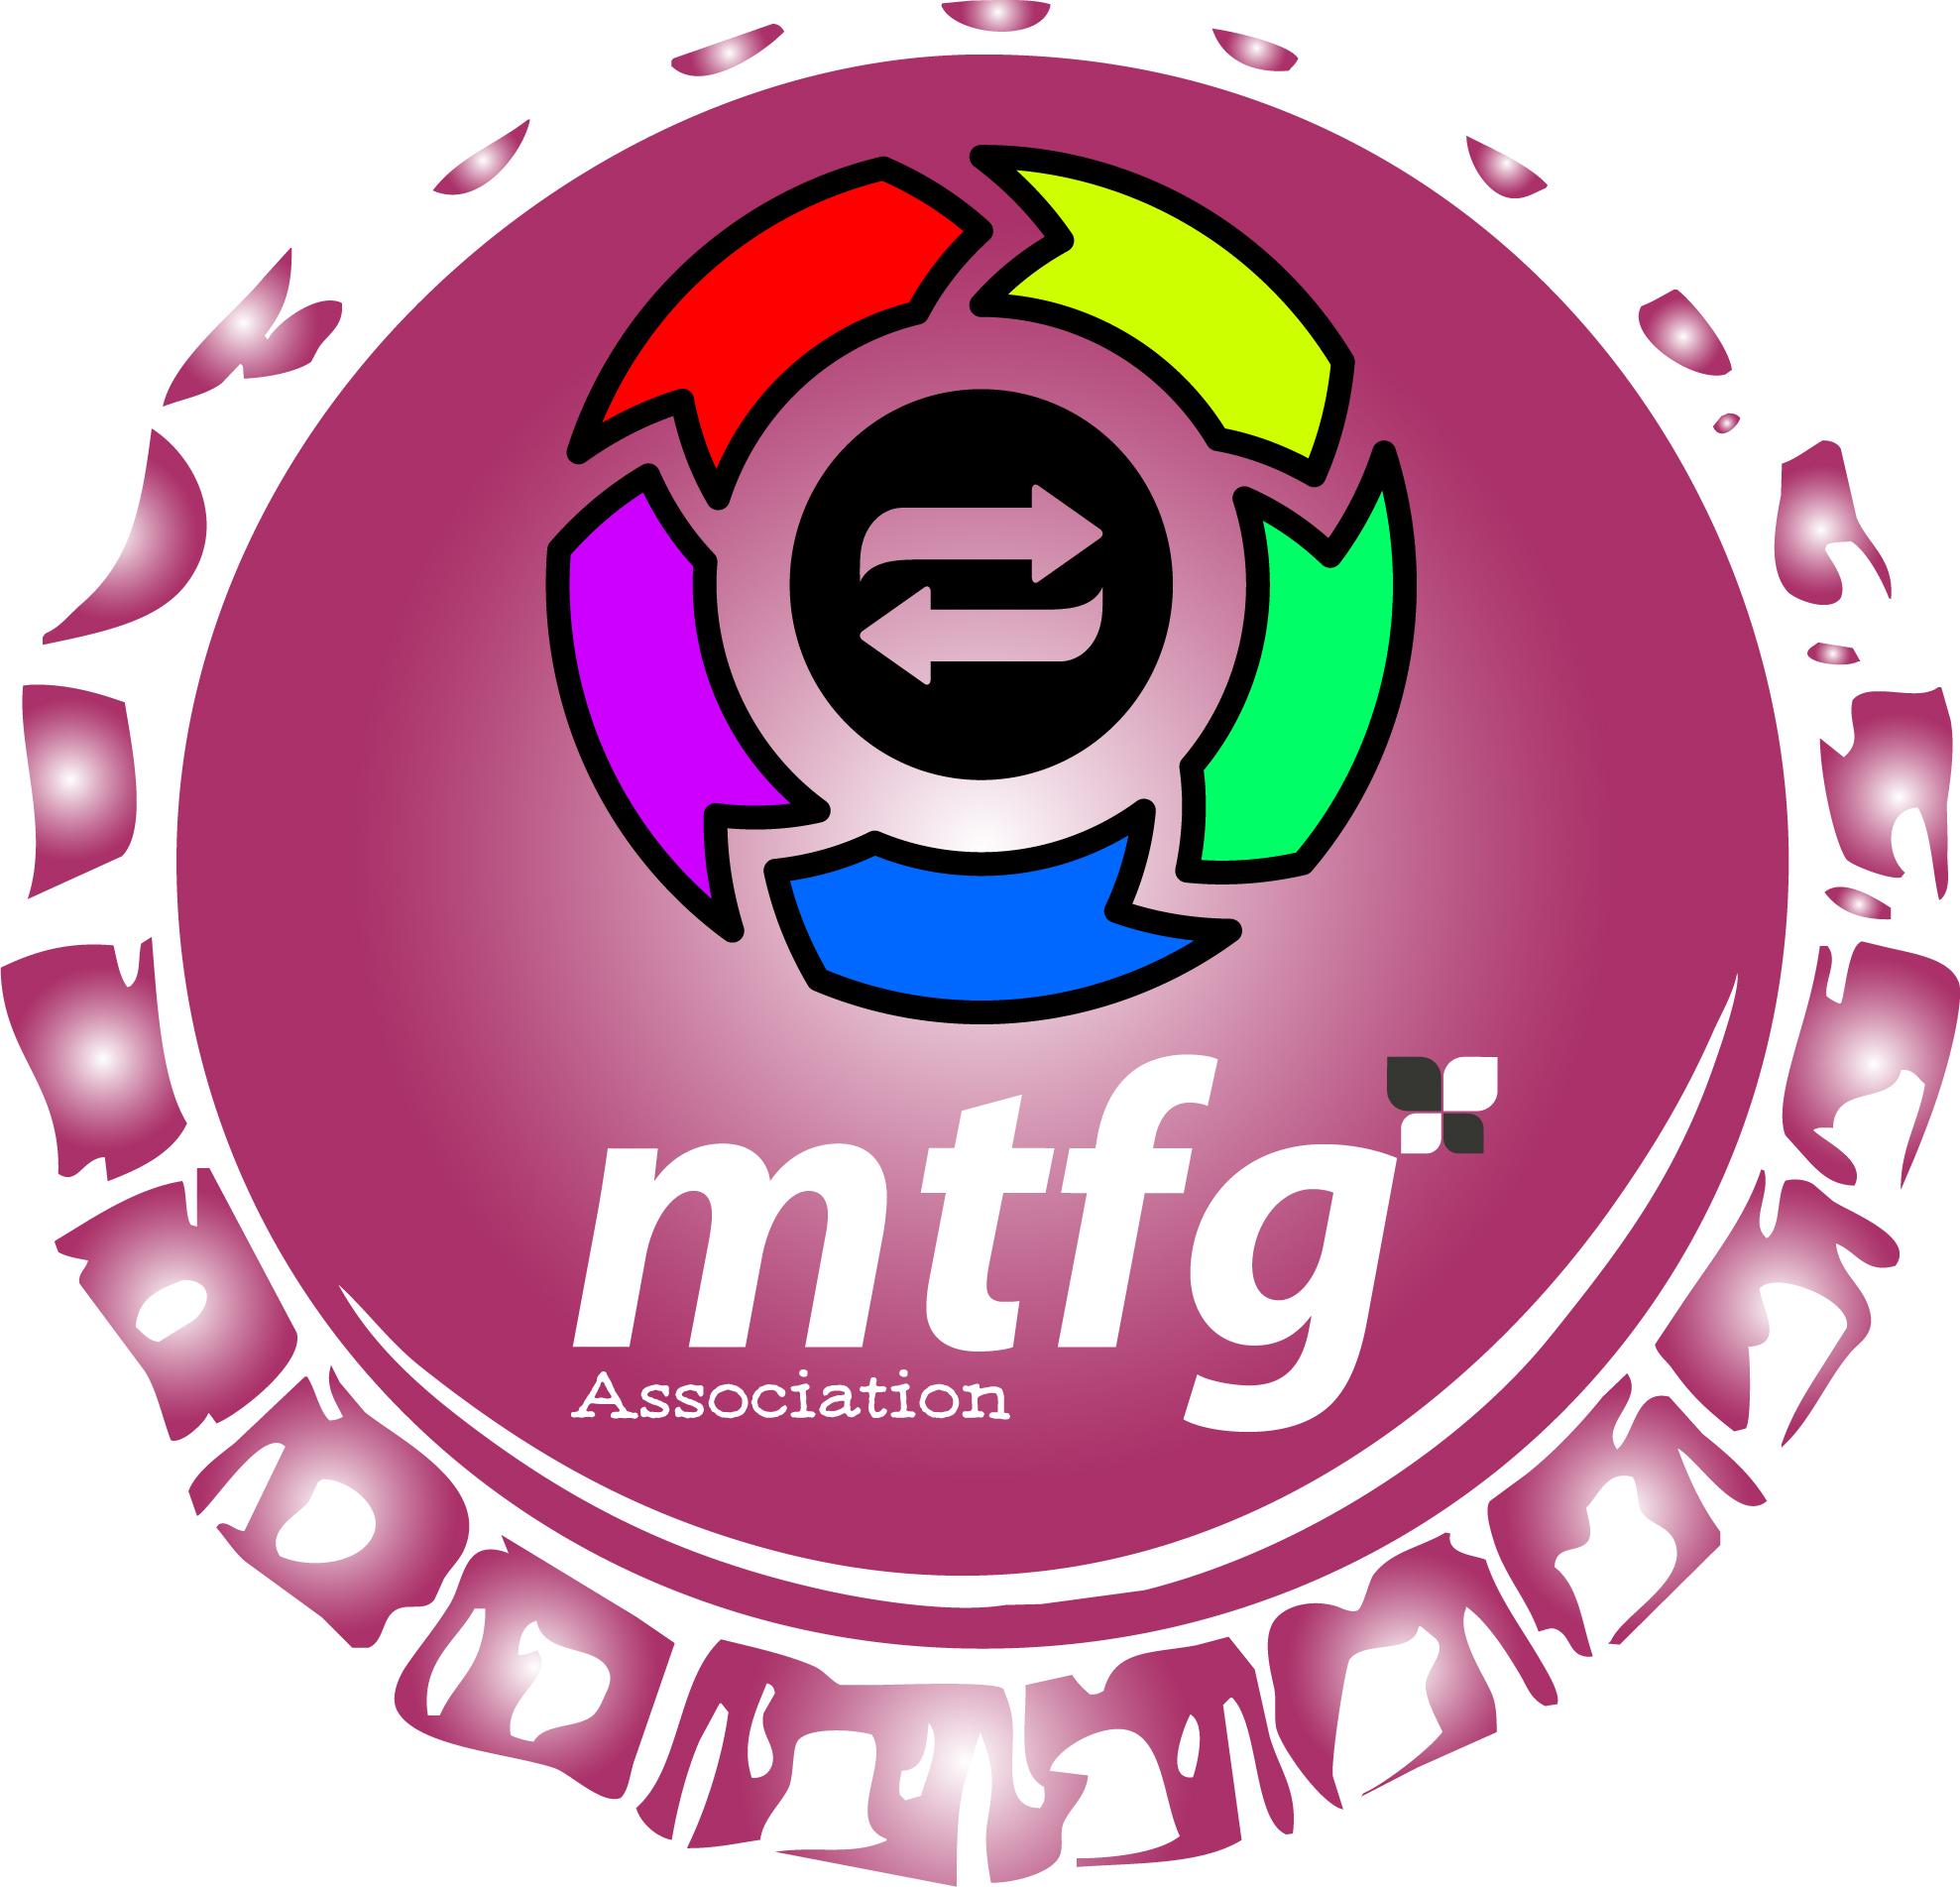 MTFG Association